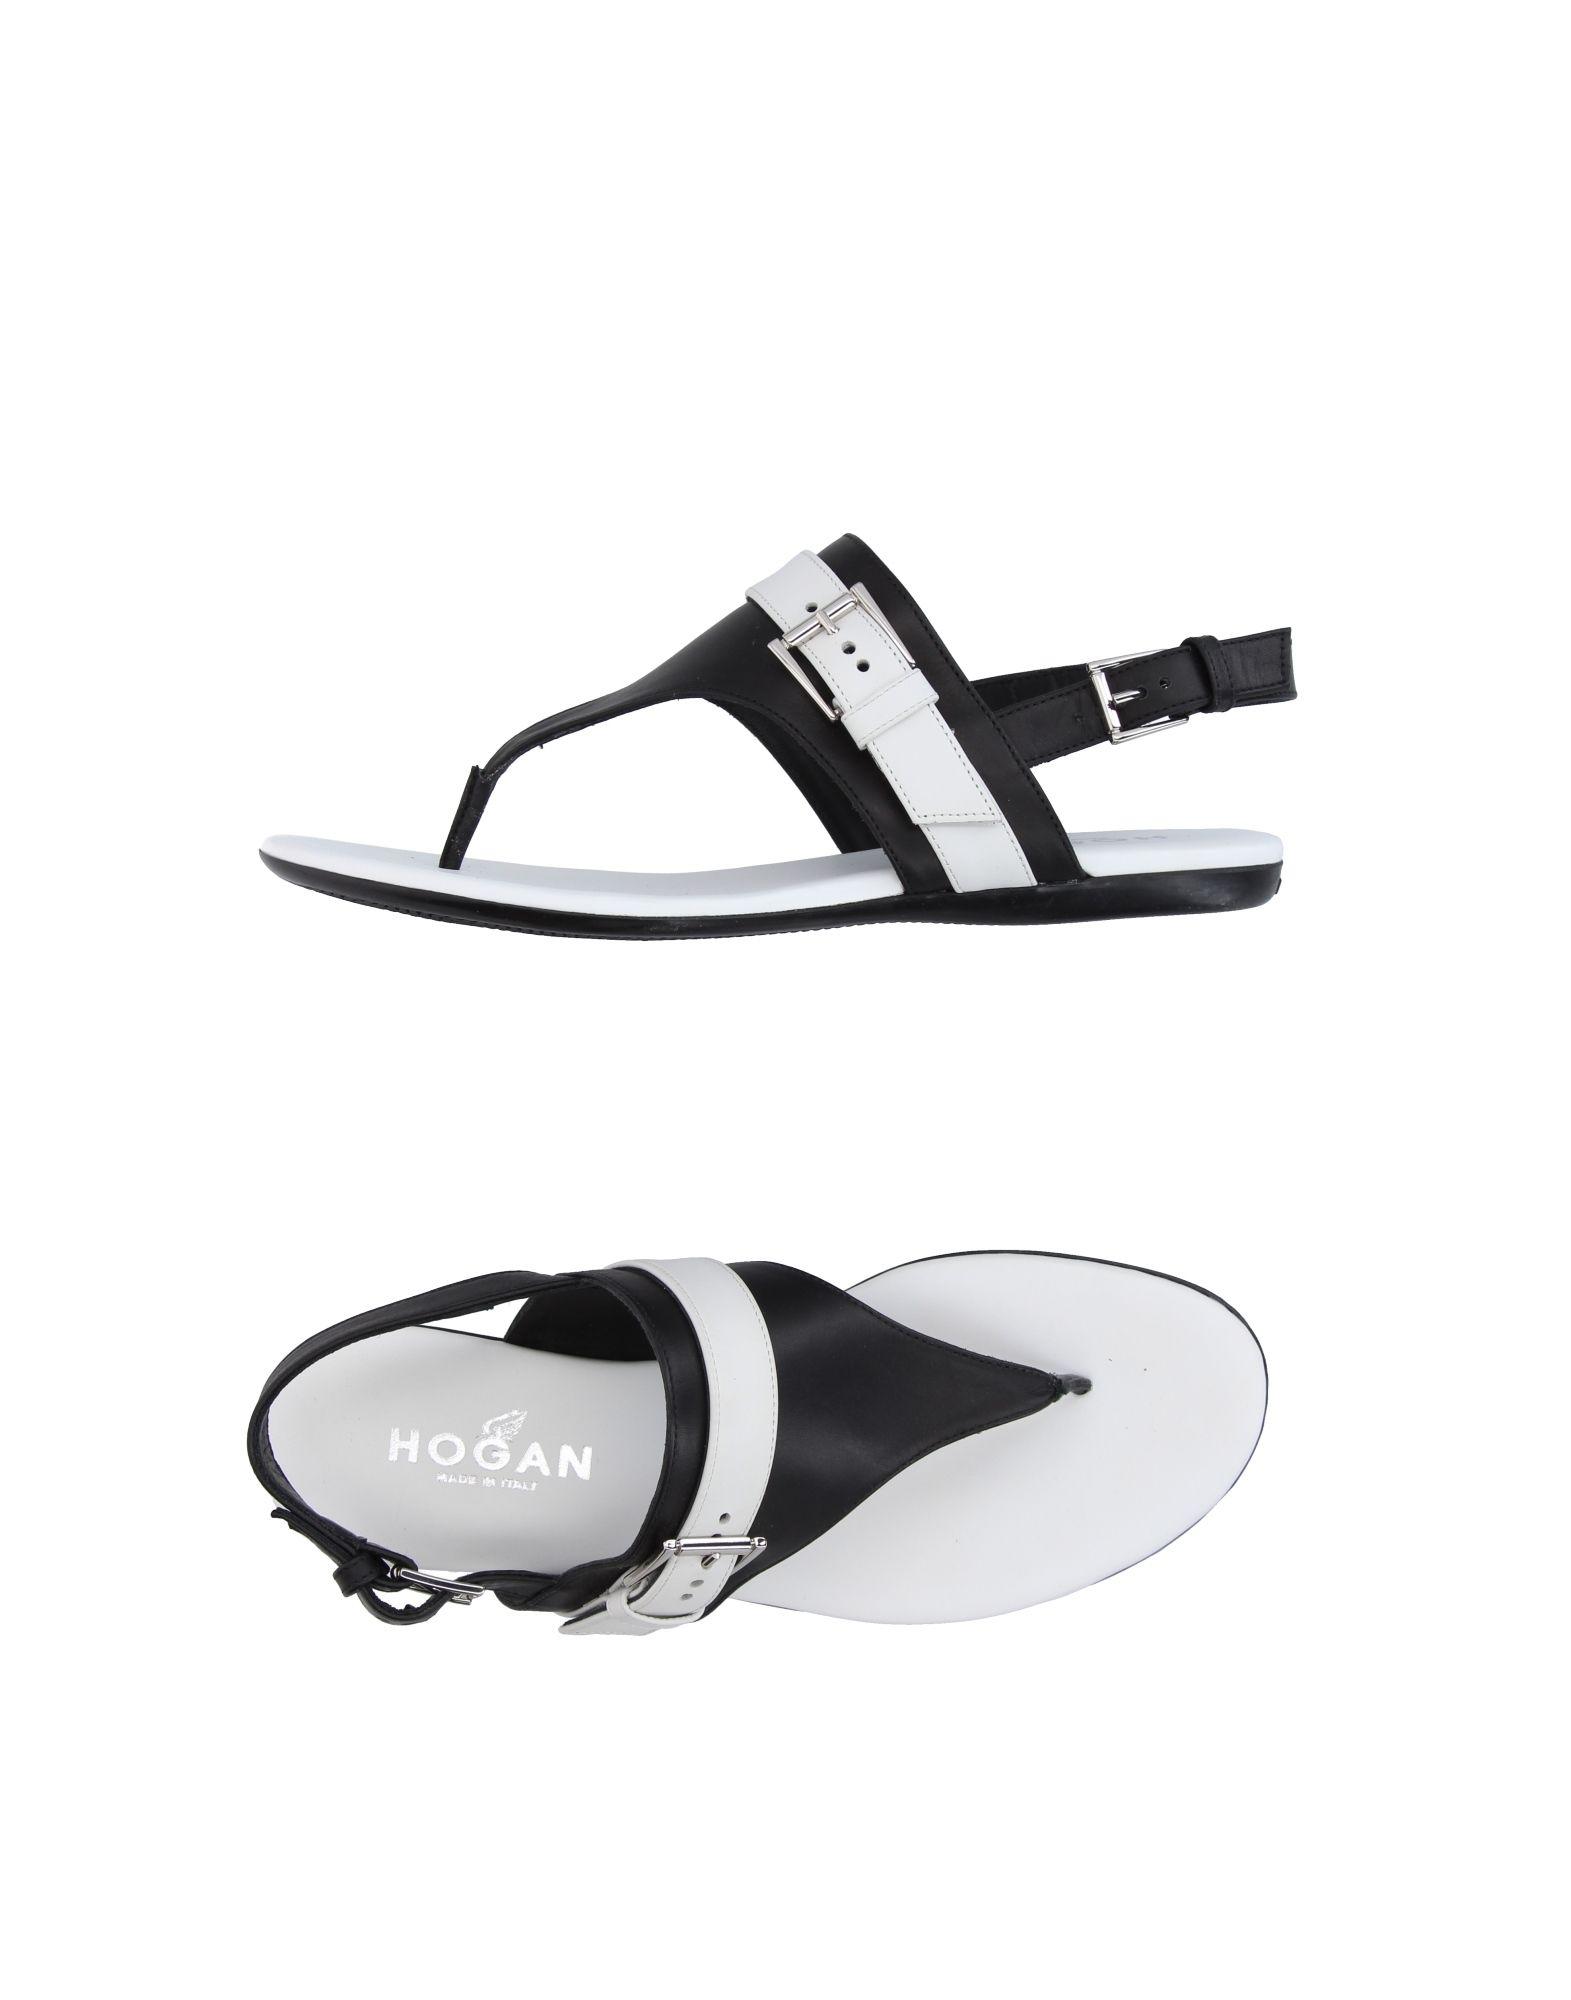 Hogan 11211339KL Dianetten Damen  11211339KL Hogan Gute Qualität beliebte Schuhe 59c712